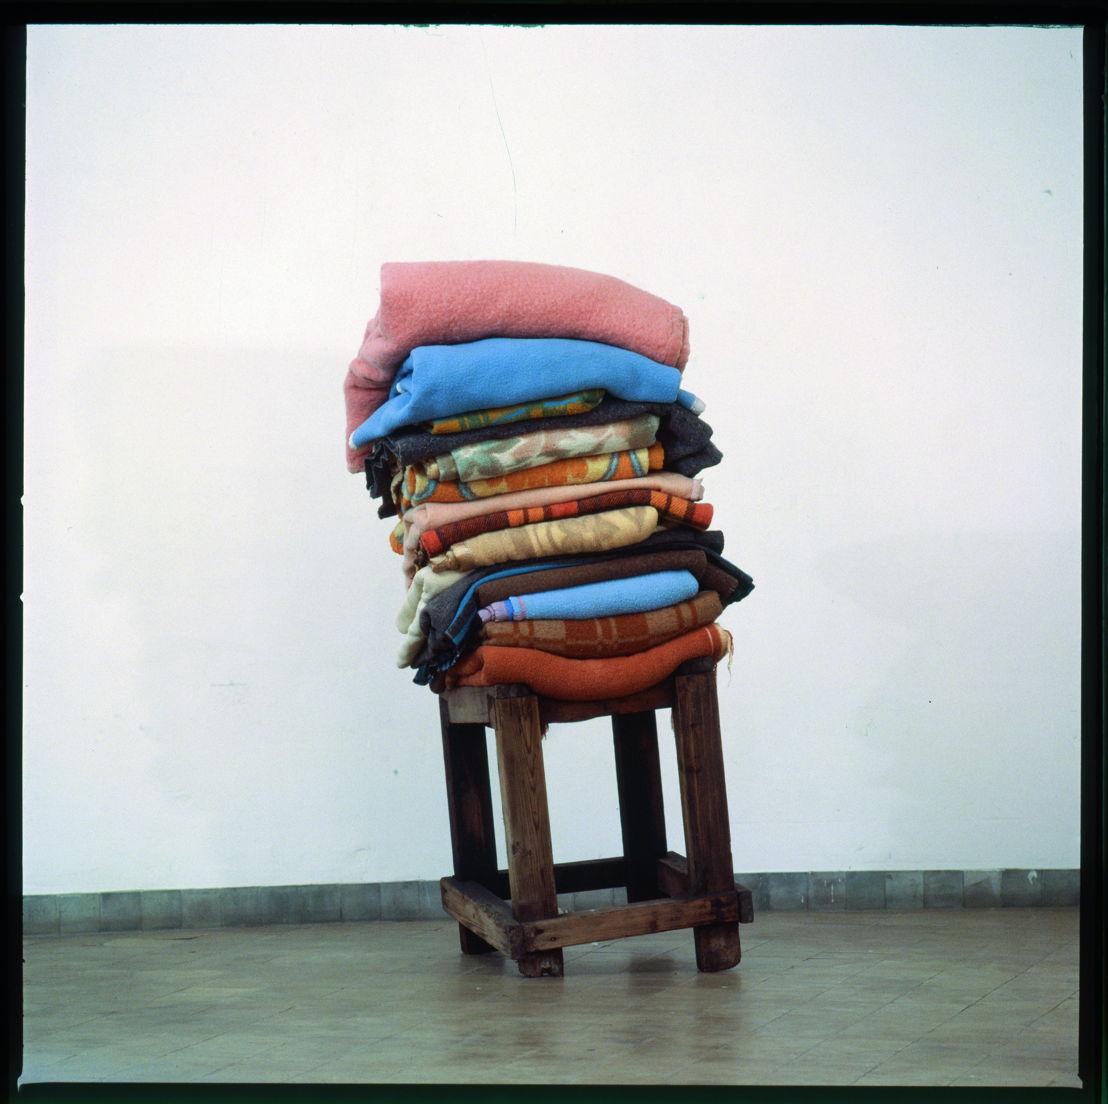 Guy Cassiers/Toneelhuis - Grensgeval - 1>2/06 -  © Berlinde De Bruyckere, Zonder titel, 1992 - H 160 x 60 x 70 cm - dekens, hout © Jan Pauwels